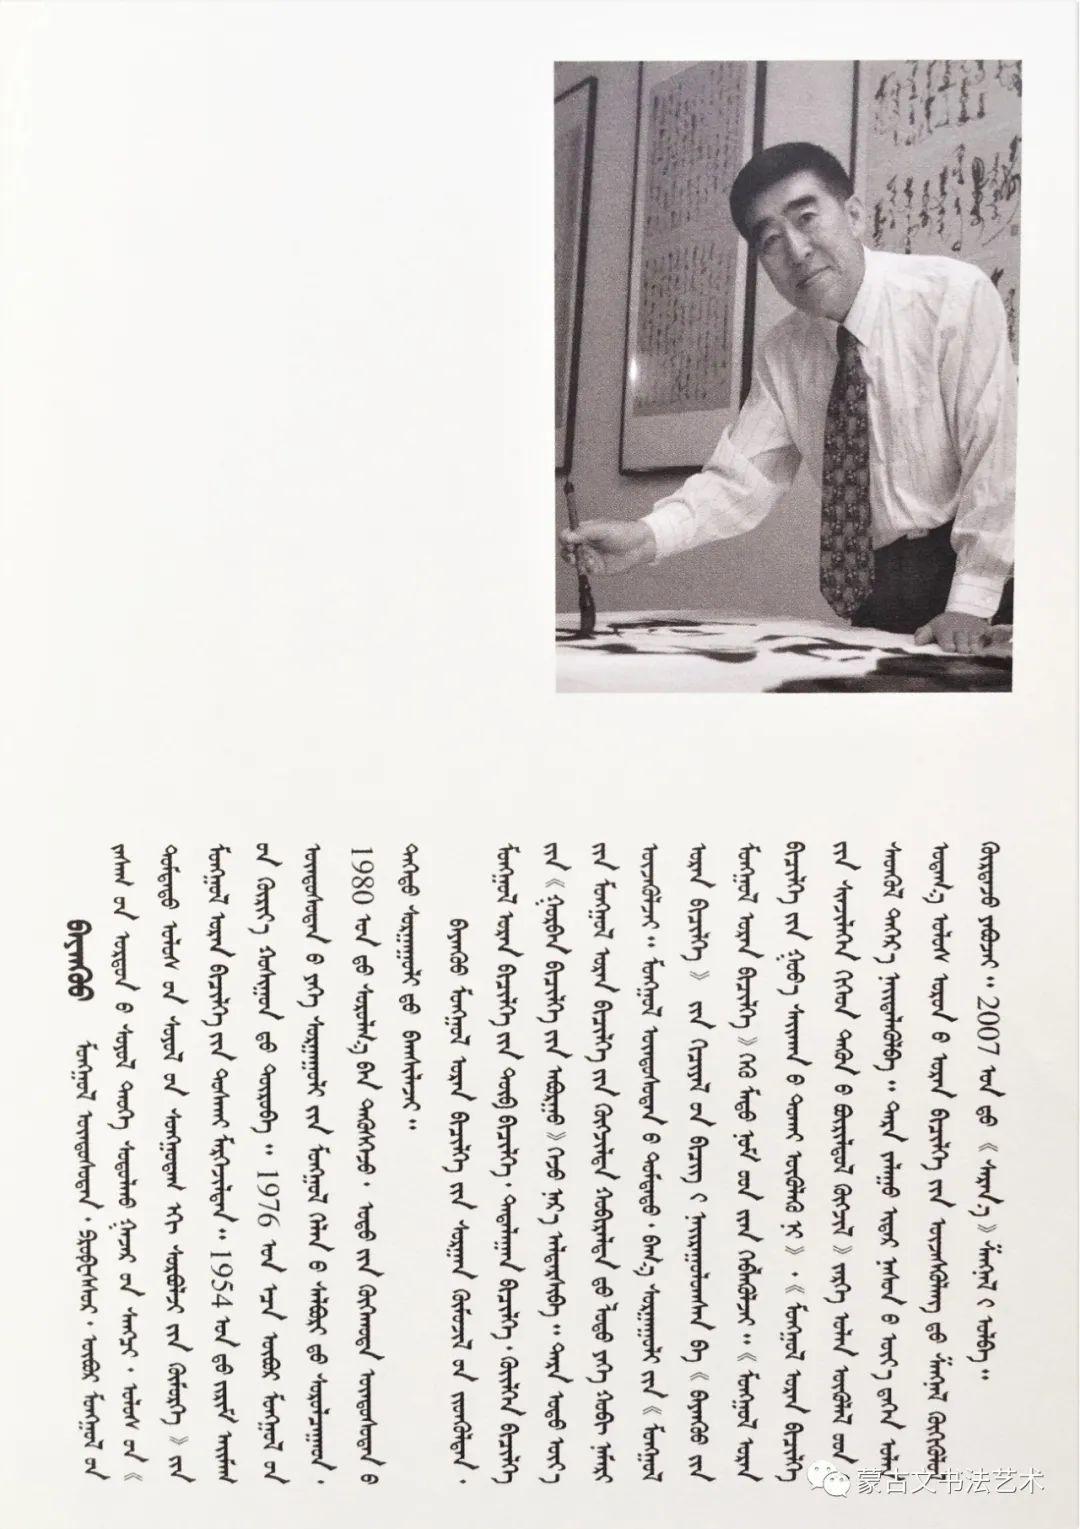 书法家白音夫楷书著作蒙古文经典文献 第2张 书法家白音夫楷书著作蒙古文经典文献 蒙古书法